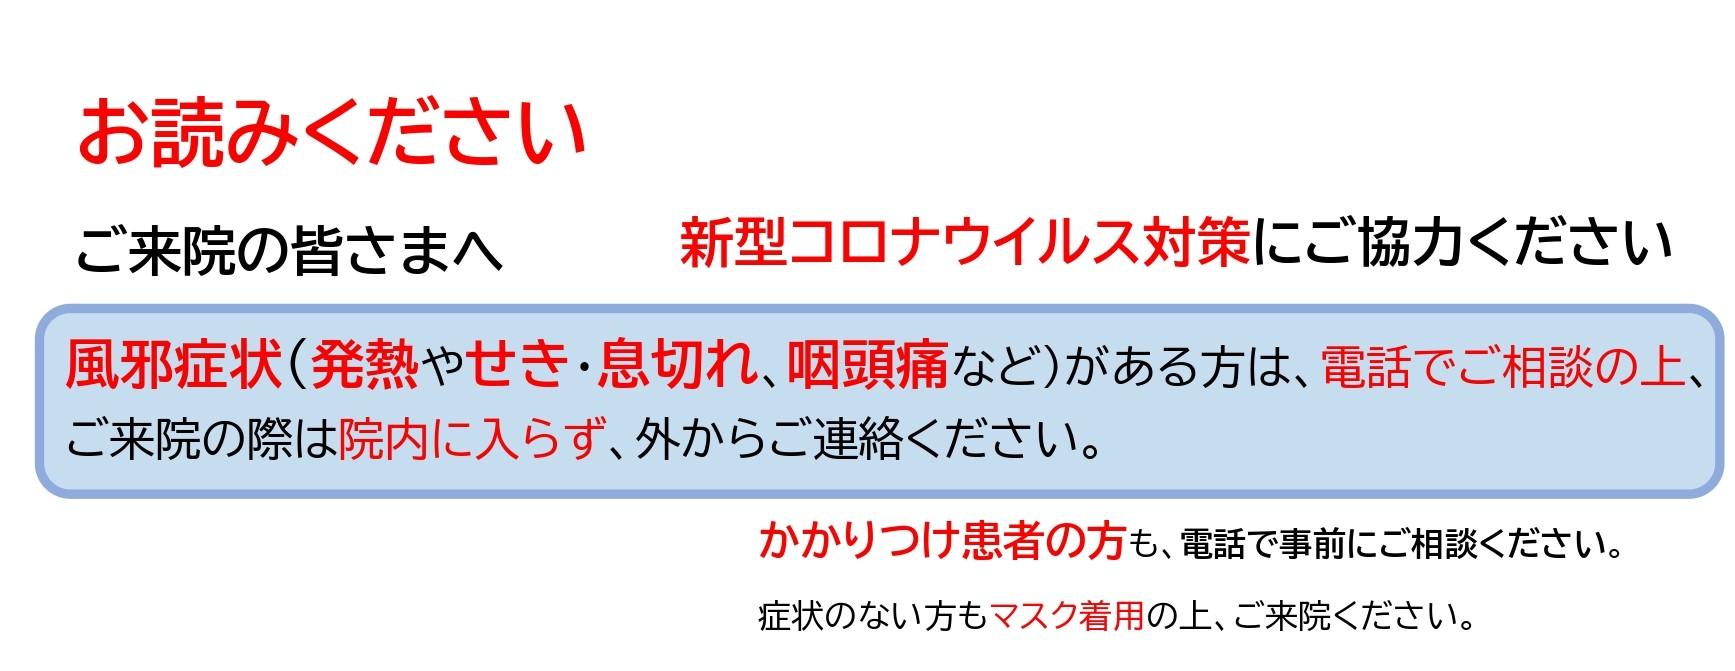 oyomikudasai